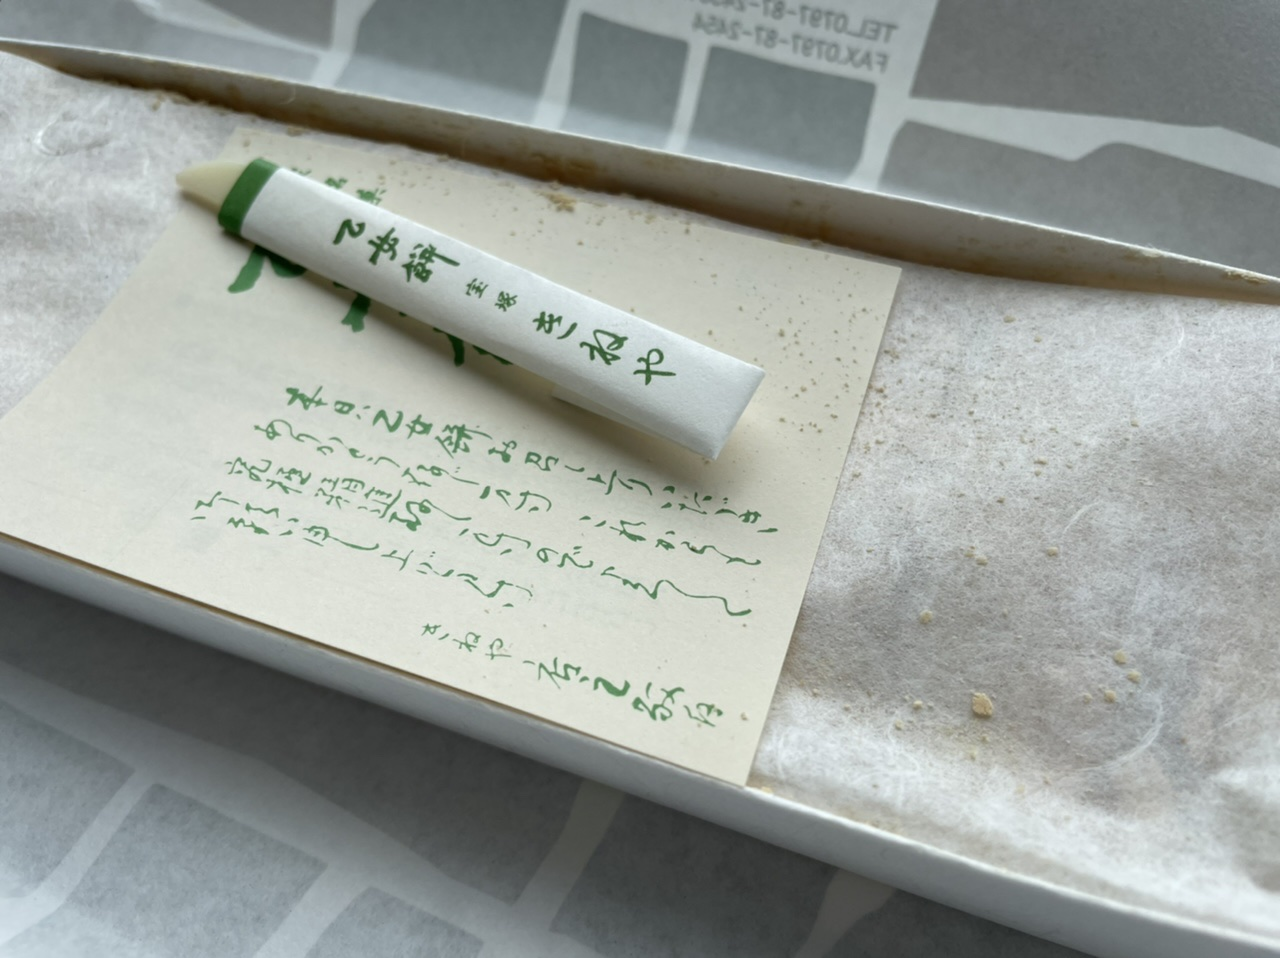 ふわっふわもっちりきな粉スイーツ…宝塚名物の『乙女餅』を食べてみて!_3